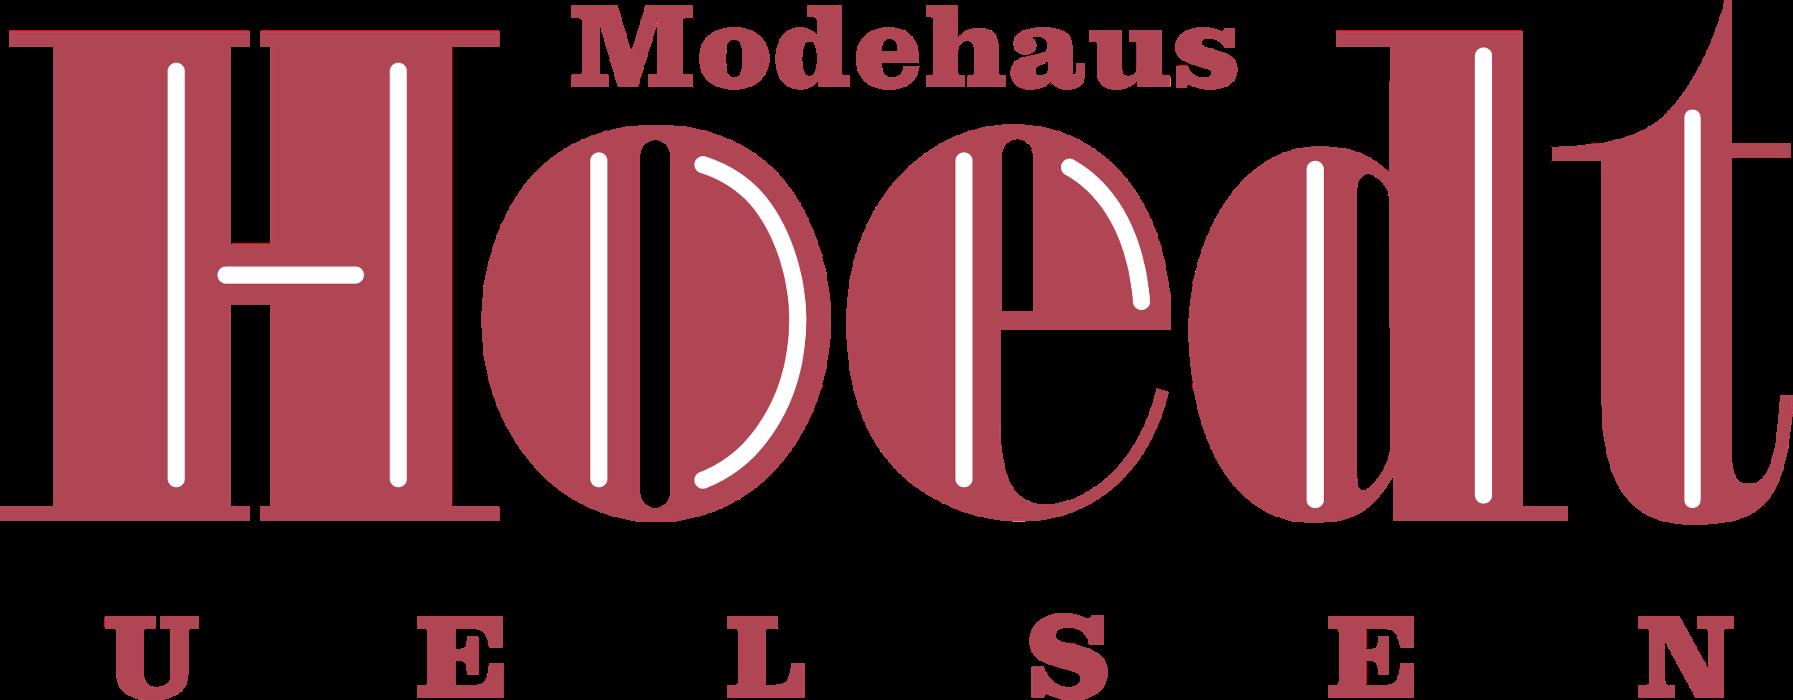 Bild zu Modehaus Hoedt in Uelsen